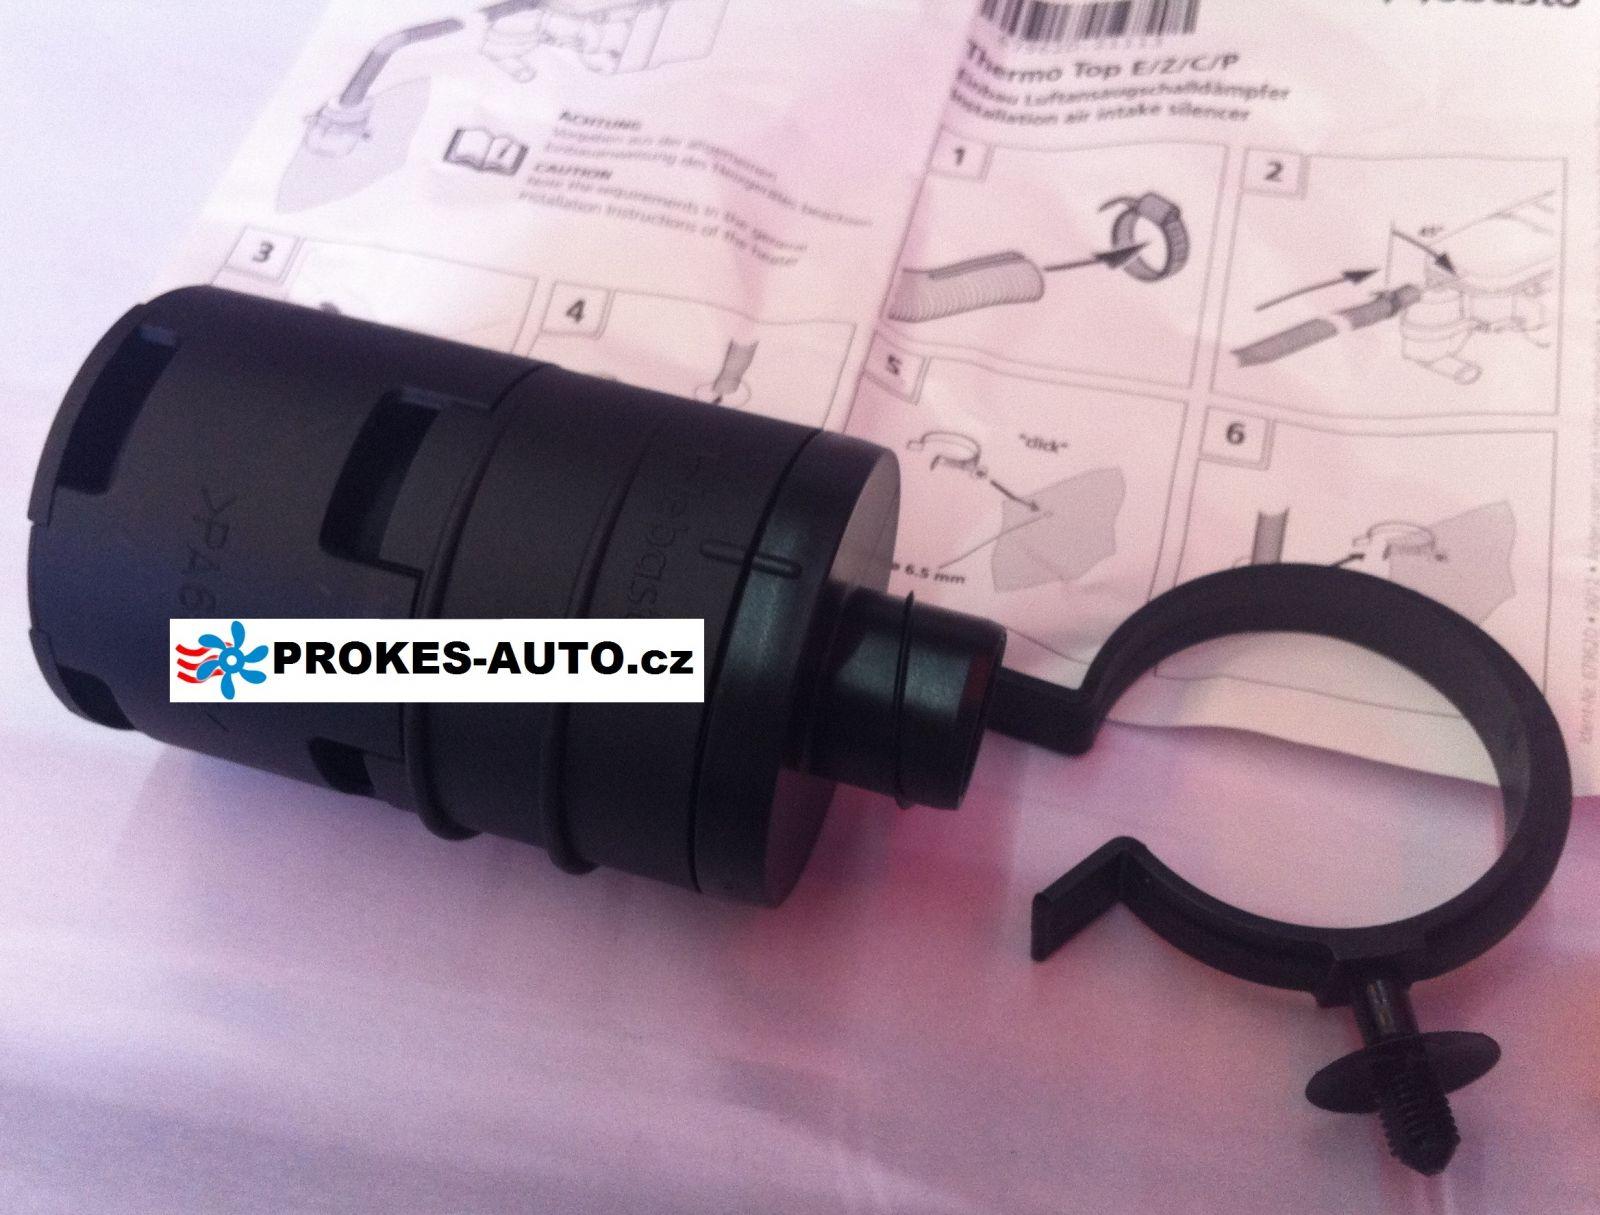 Intake silencer for 22mm hose 98141 / 98141A Webasto